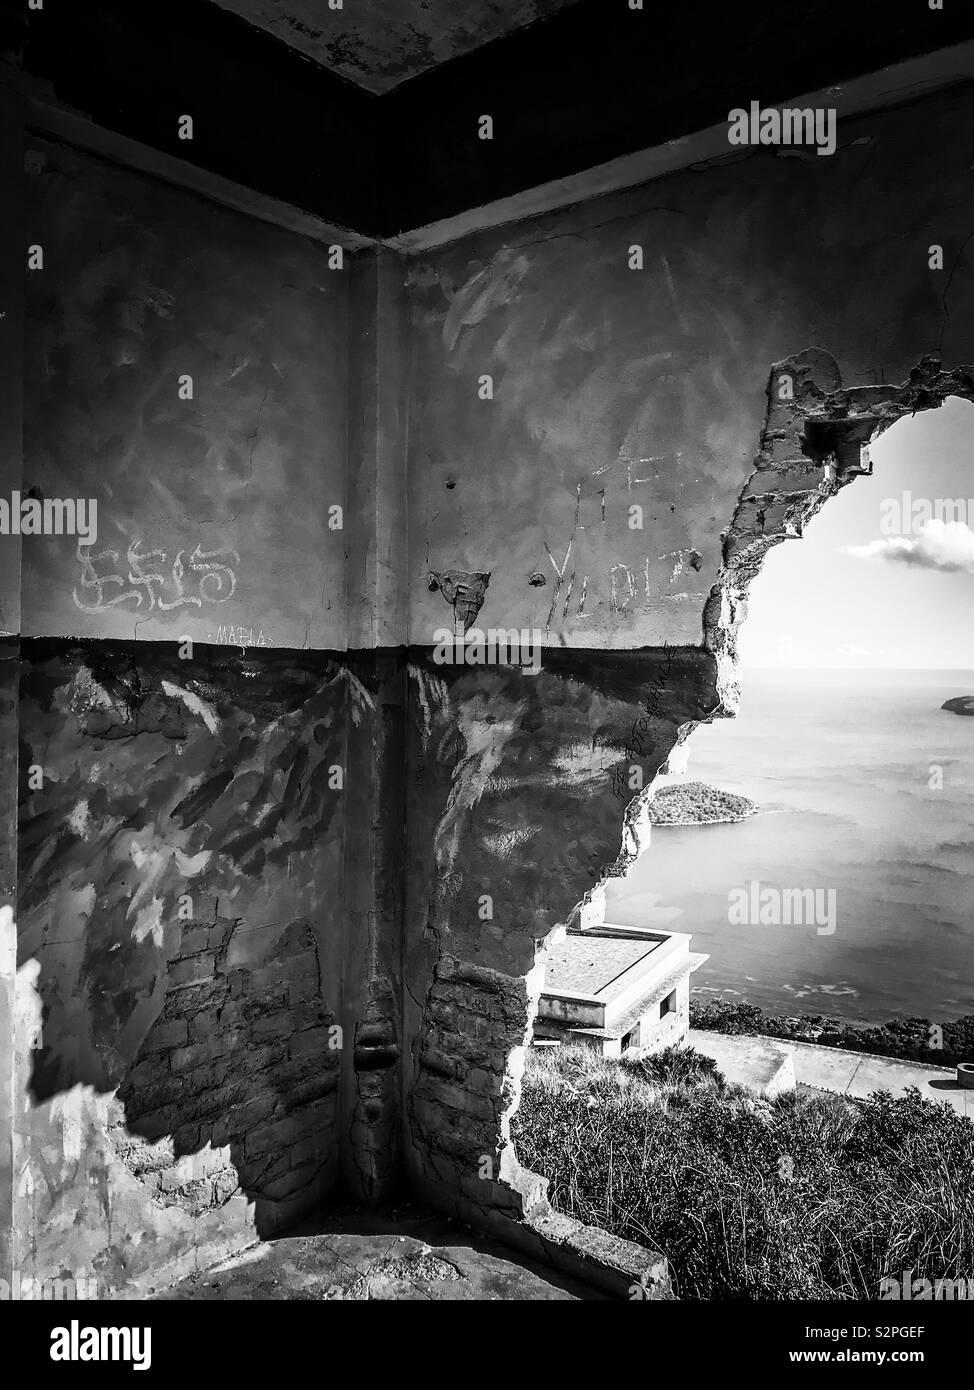 Edificio abandonado, Formentor, Mallorca Imagen De Stock